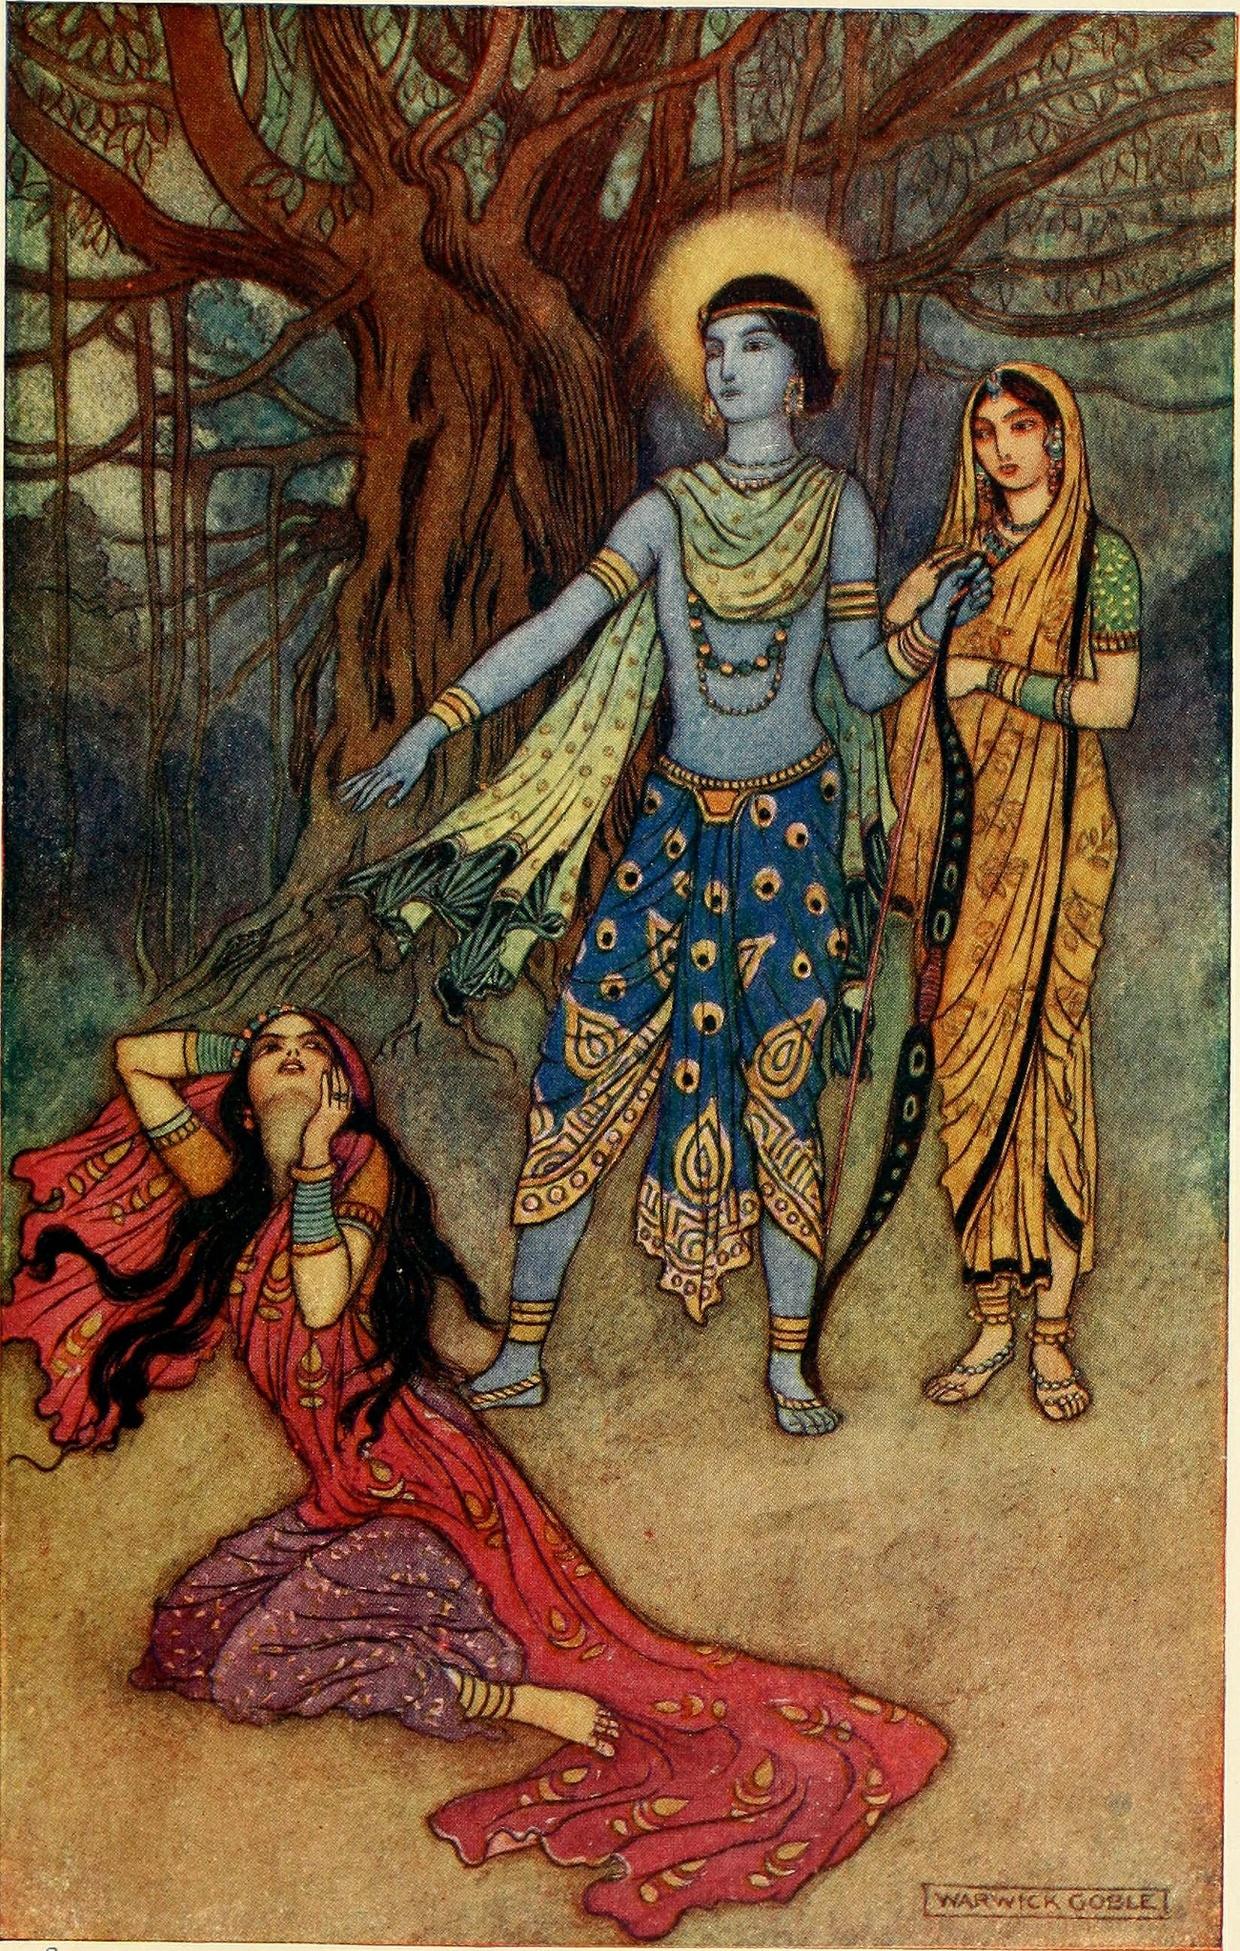 Audiolibro : Las Mil y una noches : El rey Schariar y el rey Schazaman